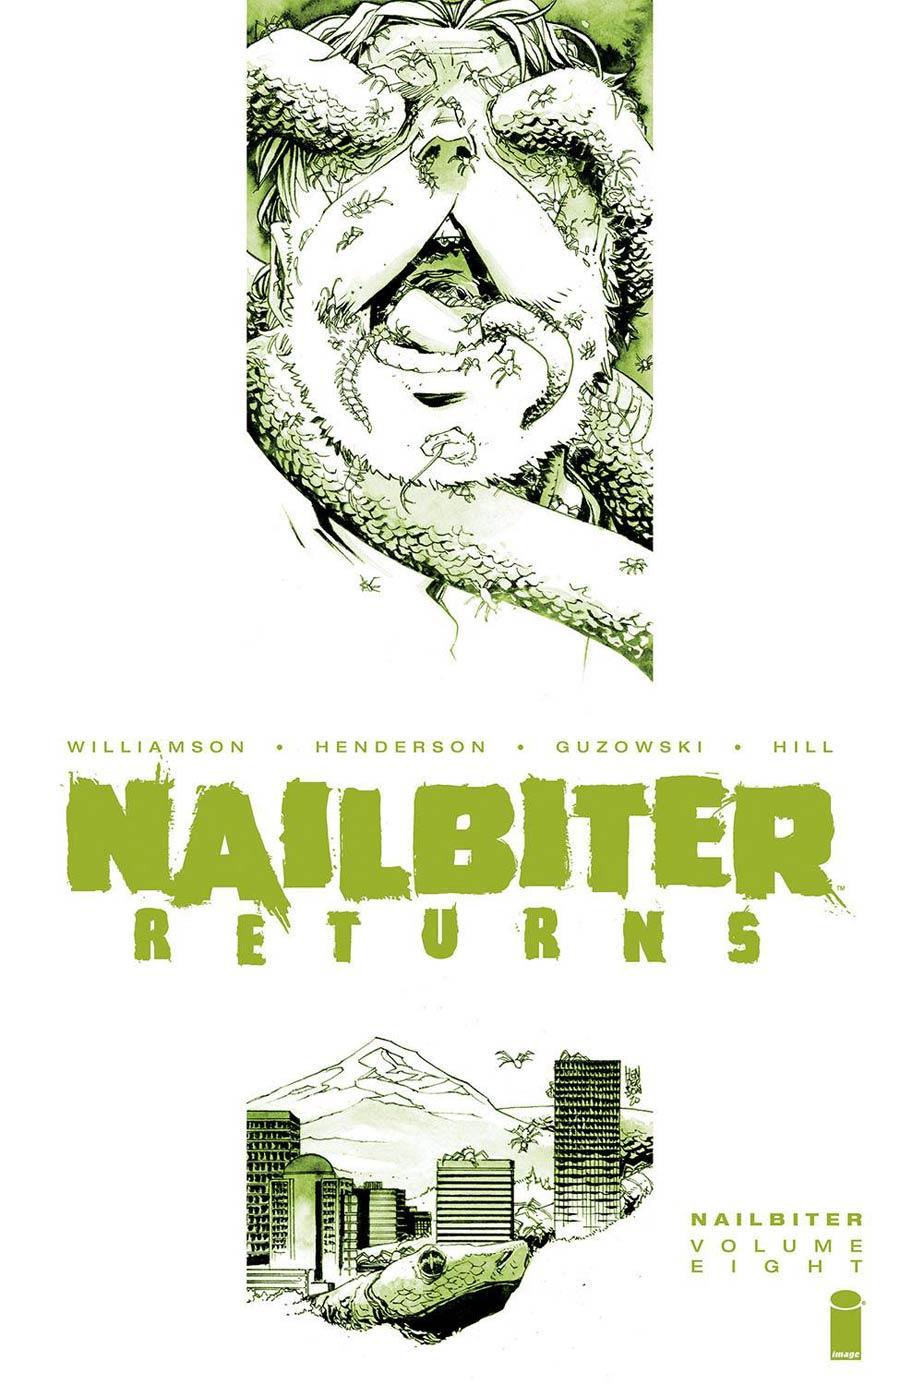 Nailbiter Vol 8 Nailbiter Returns TP